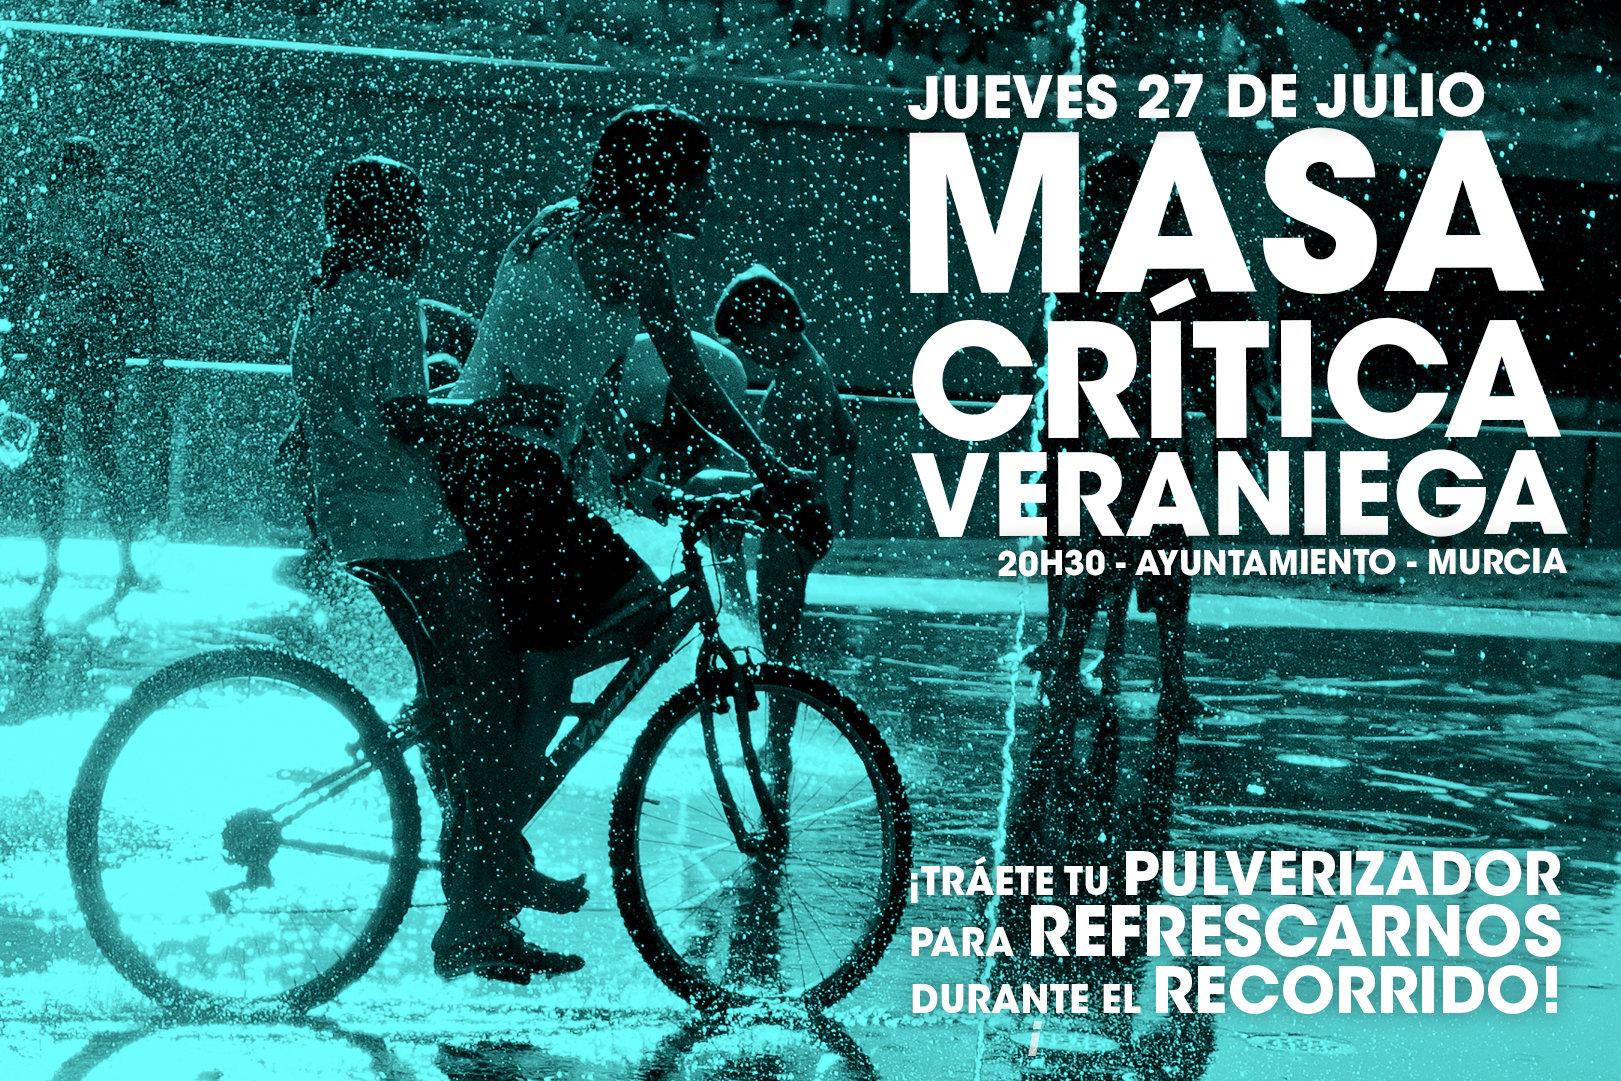 Masa Crítica ciclista veraniega, con Masa Crítica de Murcia